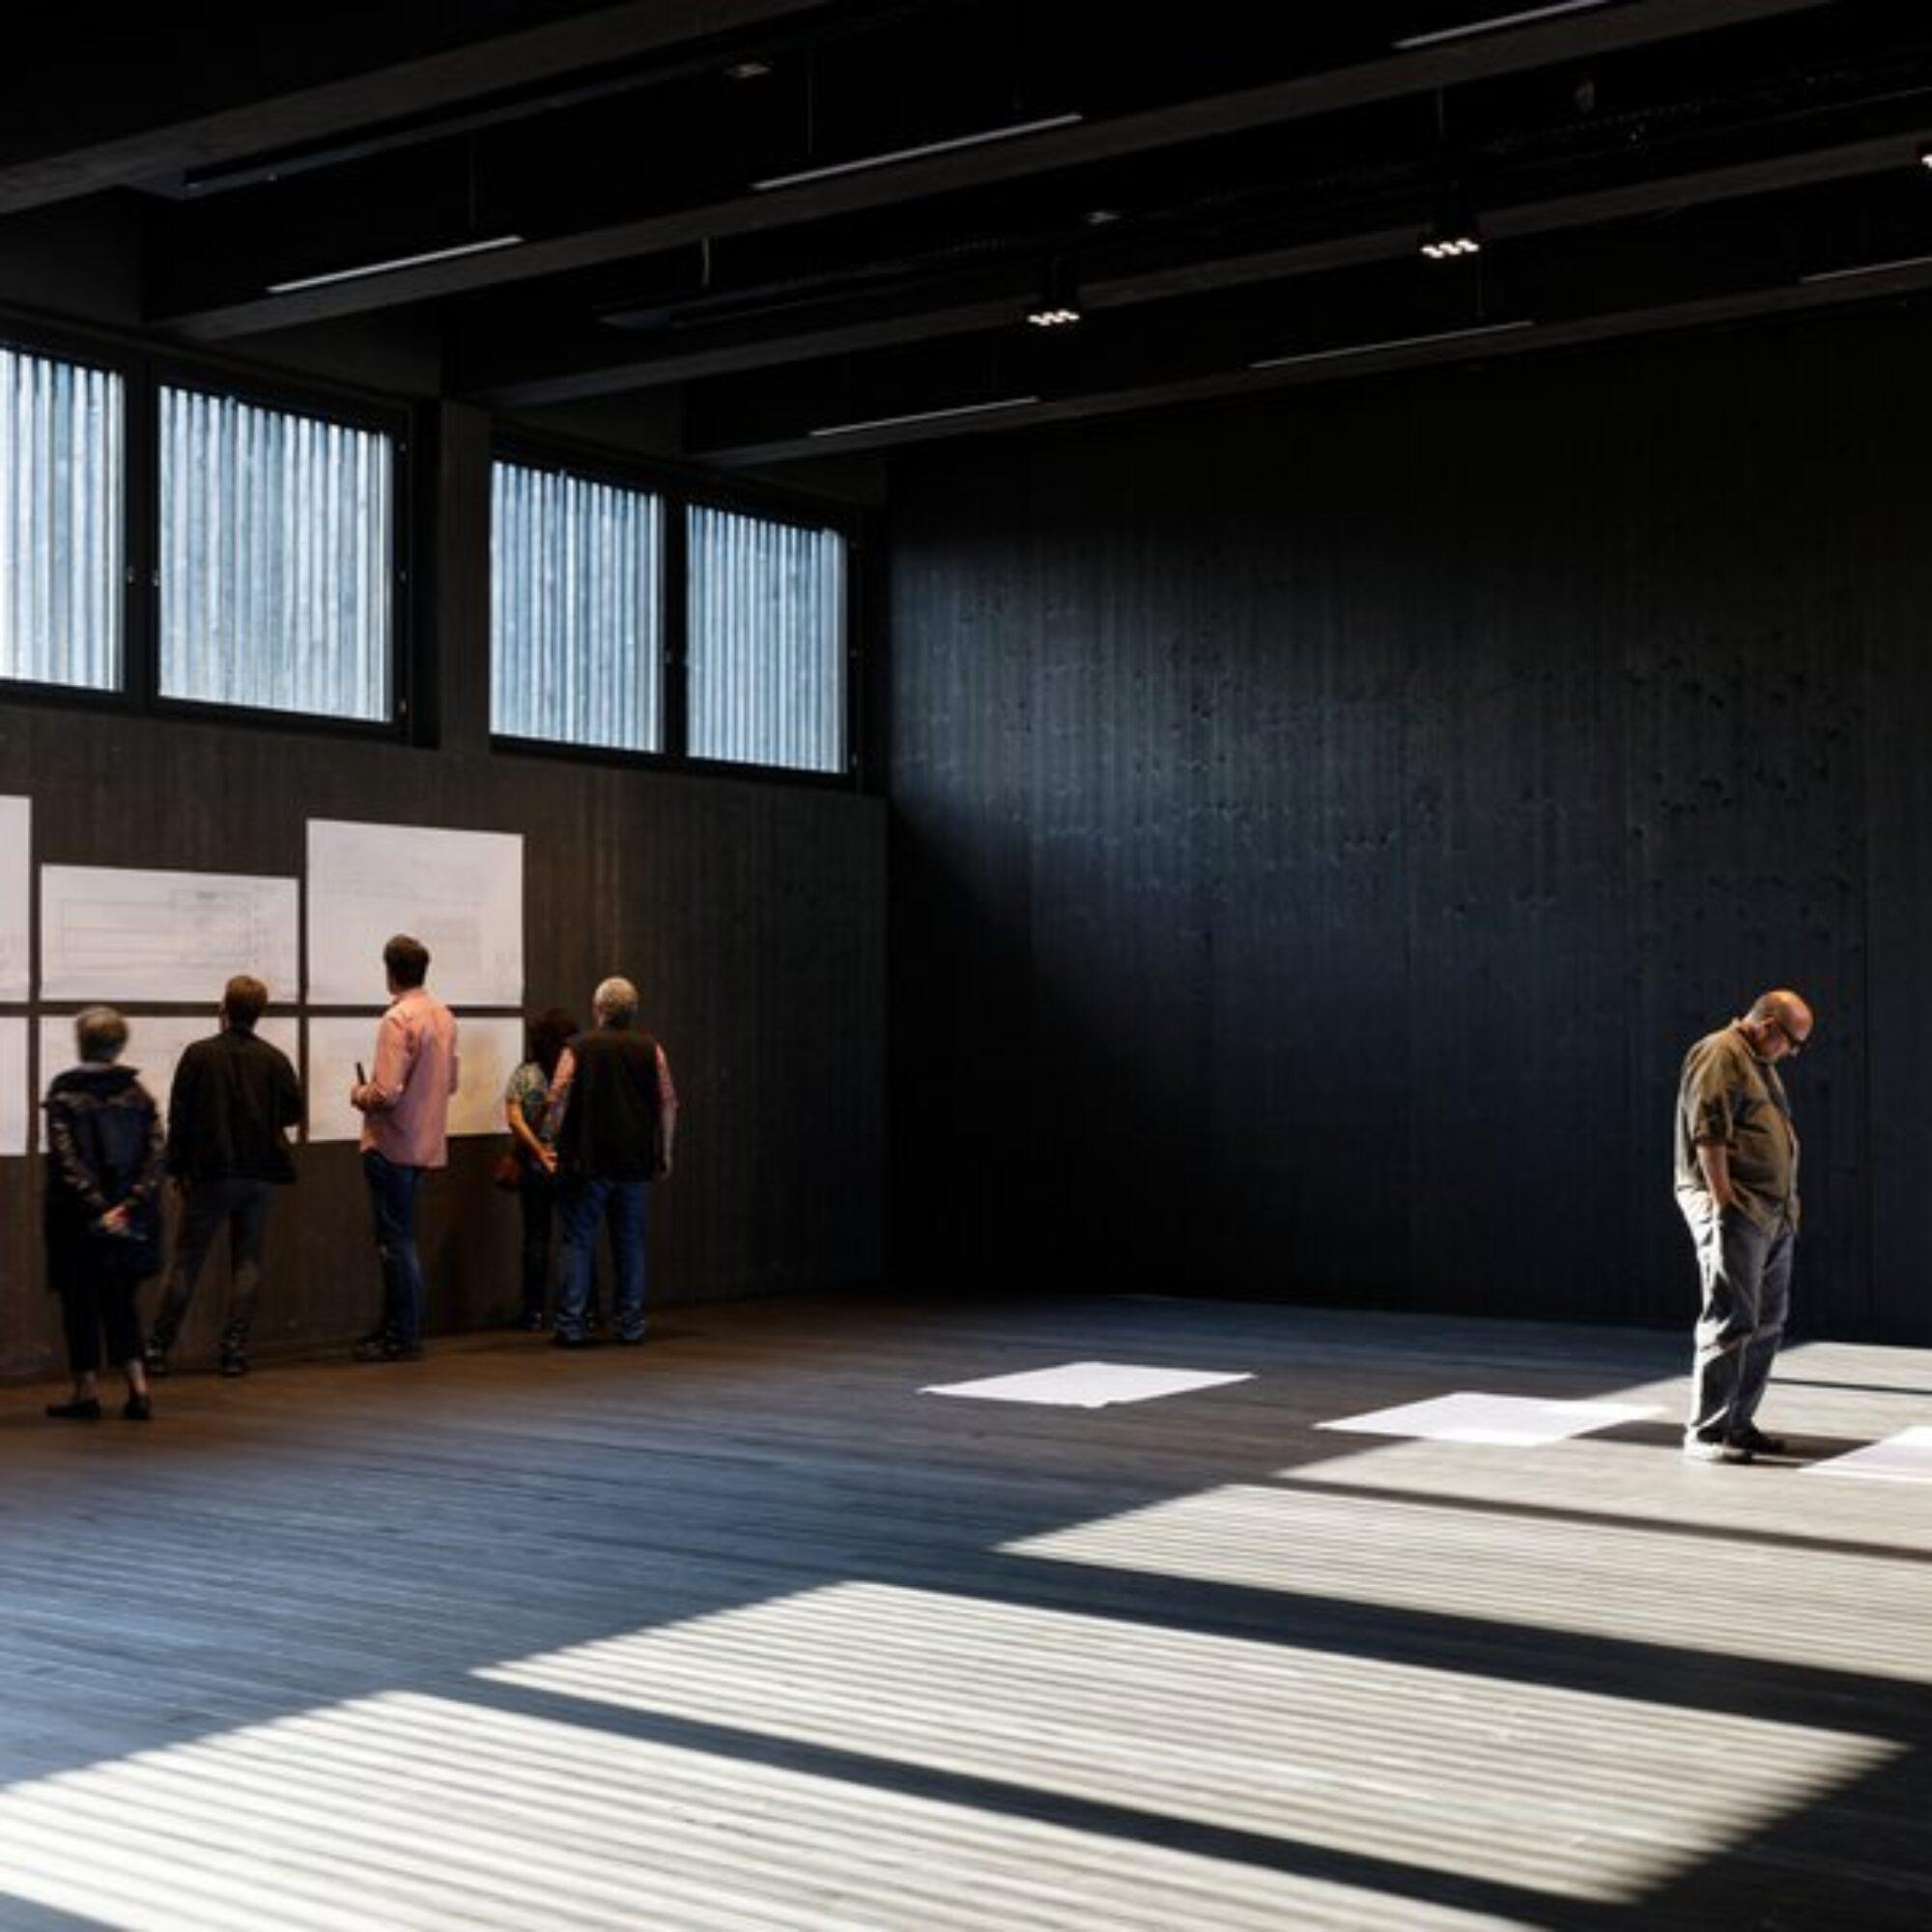 Grosser, sonnenerleuchteter Raum mit fünf Menschen, die grosse Plakate an der Wand oder am Boden studieren.